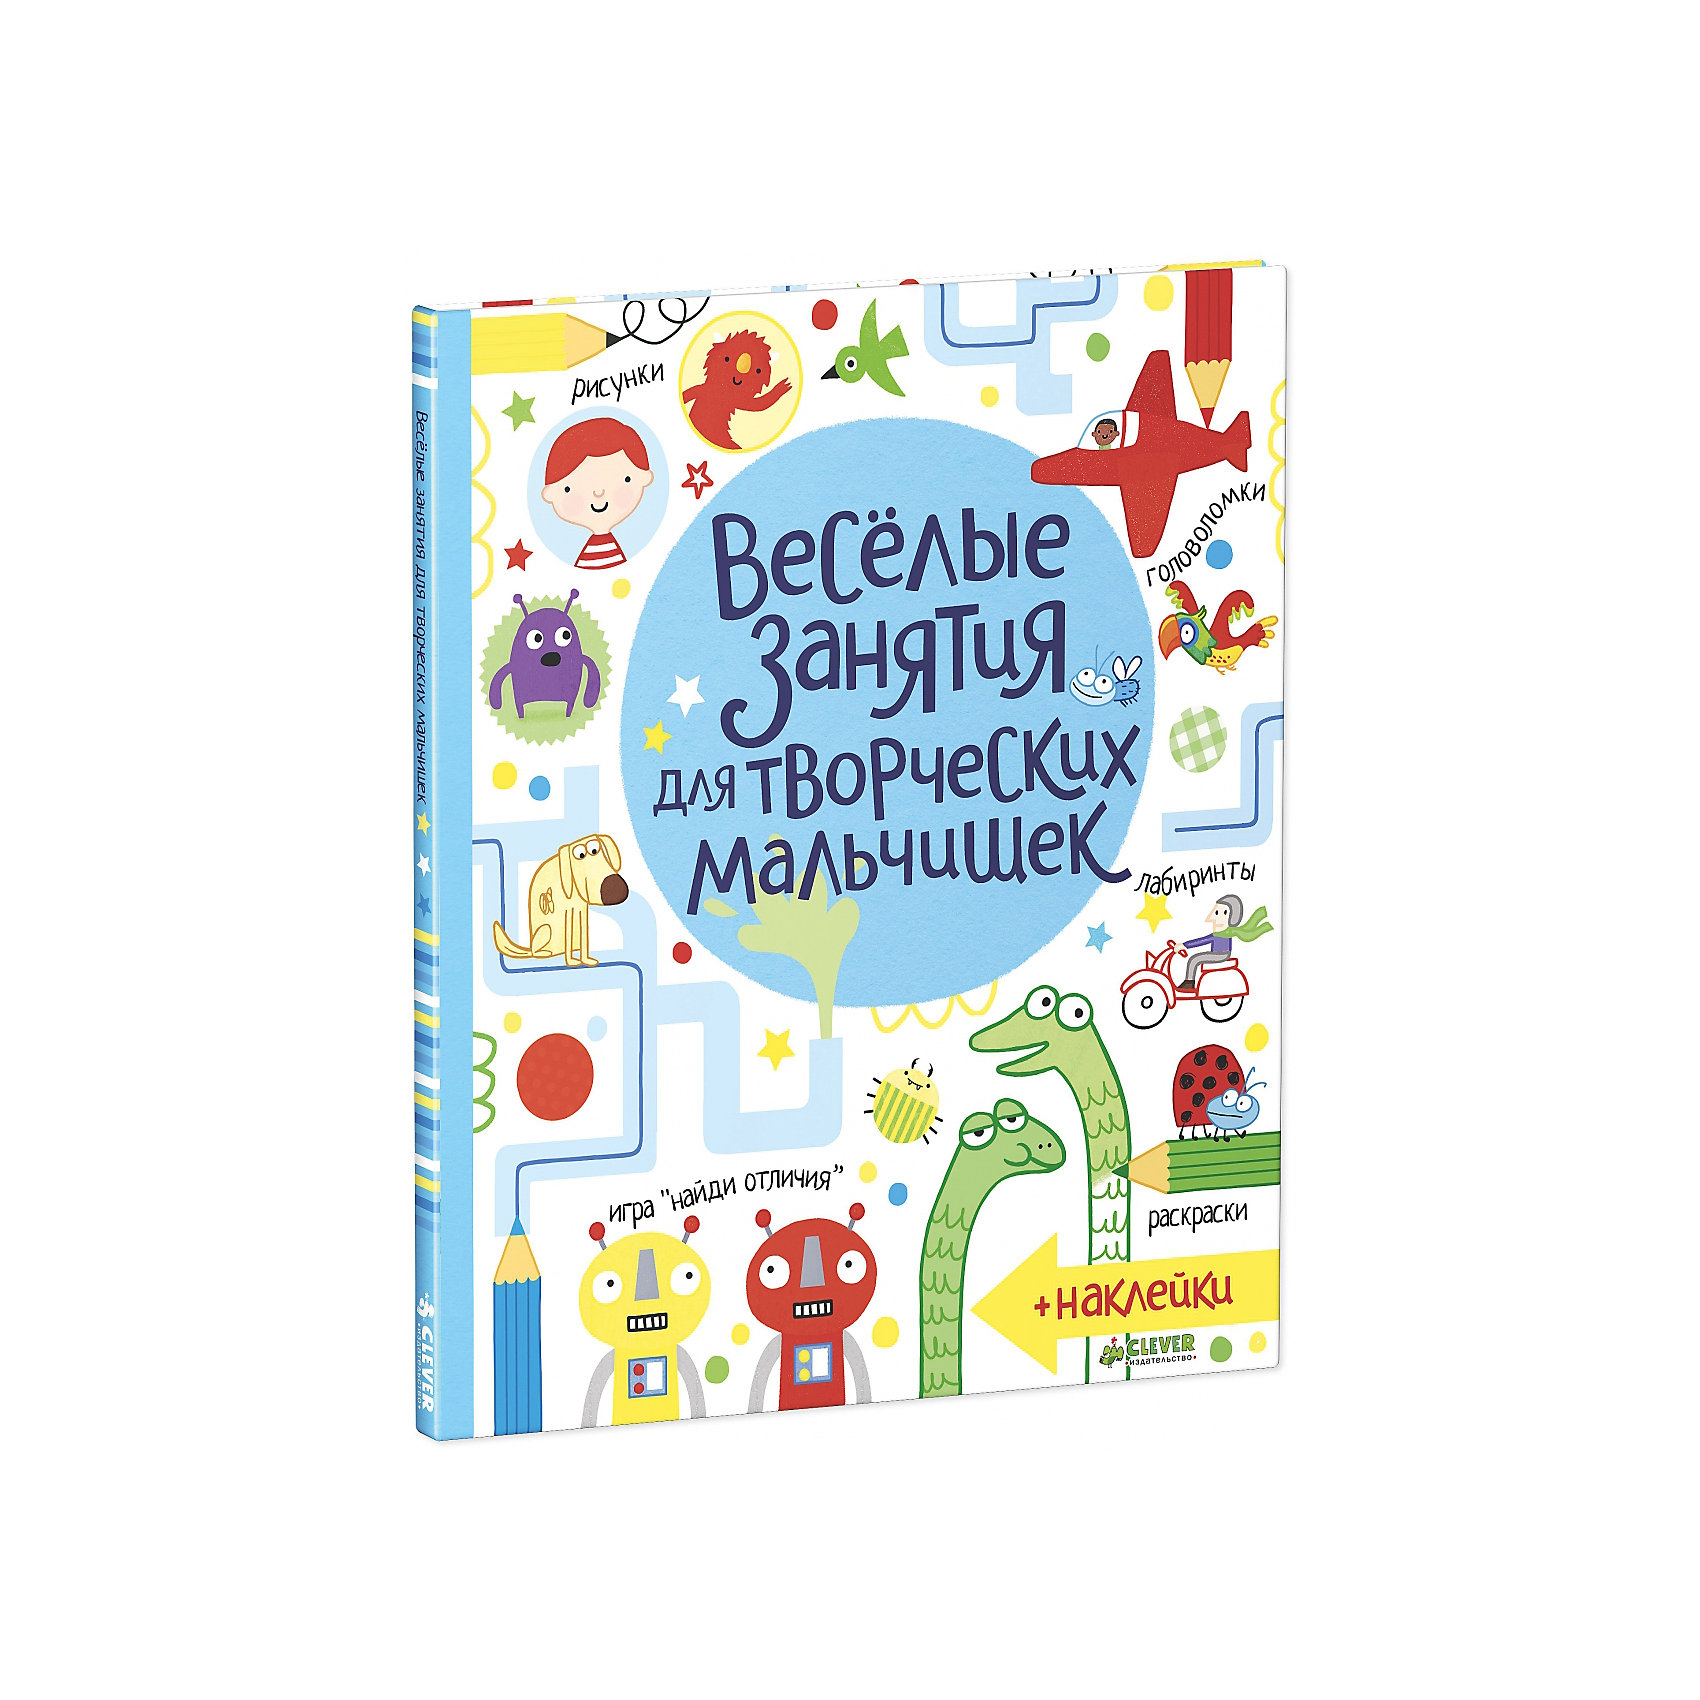 Книга с наклейками Весёлые занятия для творческих мальчишекКнижки с наклейками<br>Книга с наклейками Весёлые занятия для творческих мальчишек надолго увлечет Вашего ребенка. В книге собрано множество веселых и увлекательных заданий, персонажи которых - драконы, пираты, машины, поезда, динозавры и даже инопланетяне. Задания имеют разный уровень сложности и каждый мальчишка найдет себе занятие по душе: можно раскрашивать или дорисовывать картинки, приклеивать наклейки, проходить лабиринты, искать лишние или одинаковые предметы, решать головоломки и множество других интересных задач на логику и сообразительность. Отличное качество полиграфии, плотные странички и красочные картинки делают издание прекрасным подарком.<br><br>Дополнительная информация:<br><br>- Серия: Рисуем и играем.  <br>- Автор: Джеймс Маклейн, Луси Боуман.<br>- Художник: Эрика Харрисон, Бенедетта Гофре, Фред Блант.<br>- Переплет: мягкая обложка.<br>- Иллюстрации: цветные.<br>- Объем: 64 стр. <br>- Размер: 25 x 21,5 x 0,5 см.<br>- Вес: 0,266 кг. <br><br>Книгу с наклейками Весёлые занятия для творческих мальчишек, Клевер Медиа Групп, можно купить в нашем интернет-магазине.<br><br>Ширина мм: 215<br>Глубина мм: 250<br>Высота мм: 10<br>Вес г: 280<br>Возраст от месяцев: 48<br>Возраст до месяцев: 72<br>Пол: Мужской<br>Возраст: Детский<br>SKU: 4501132